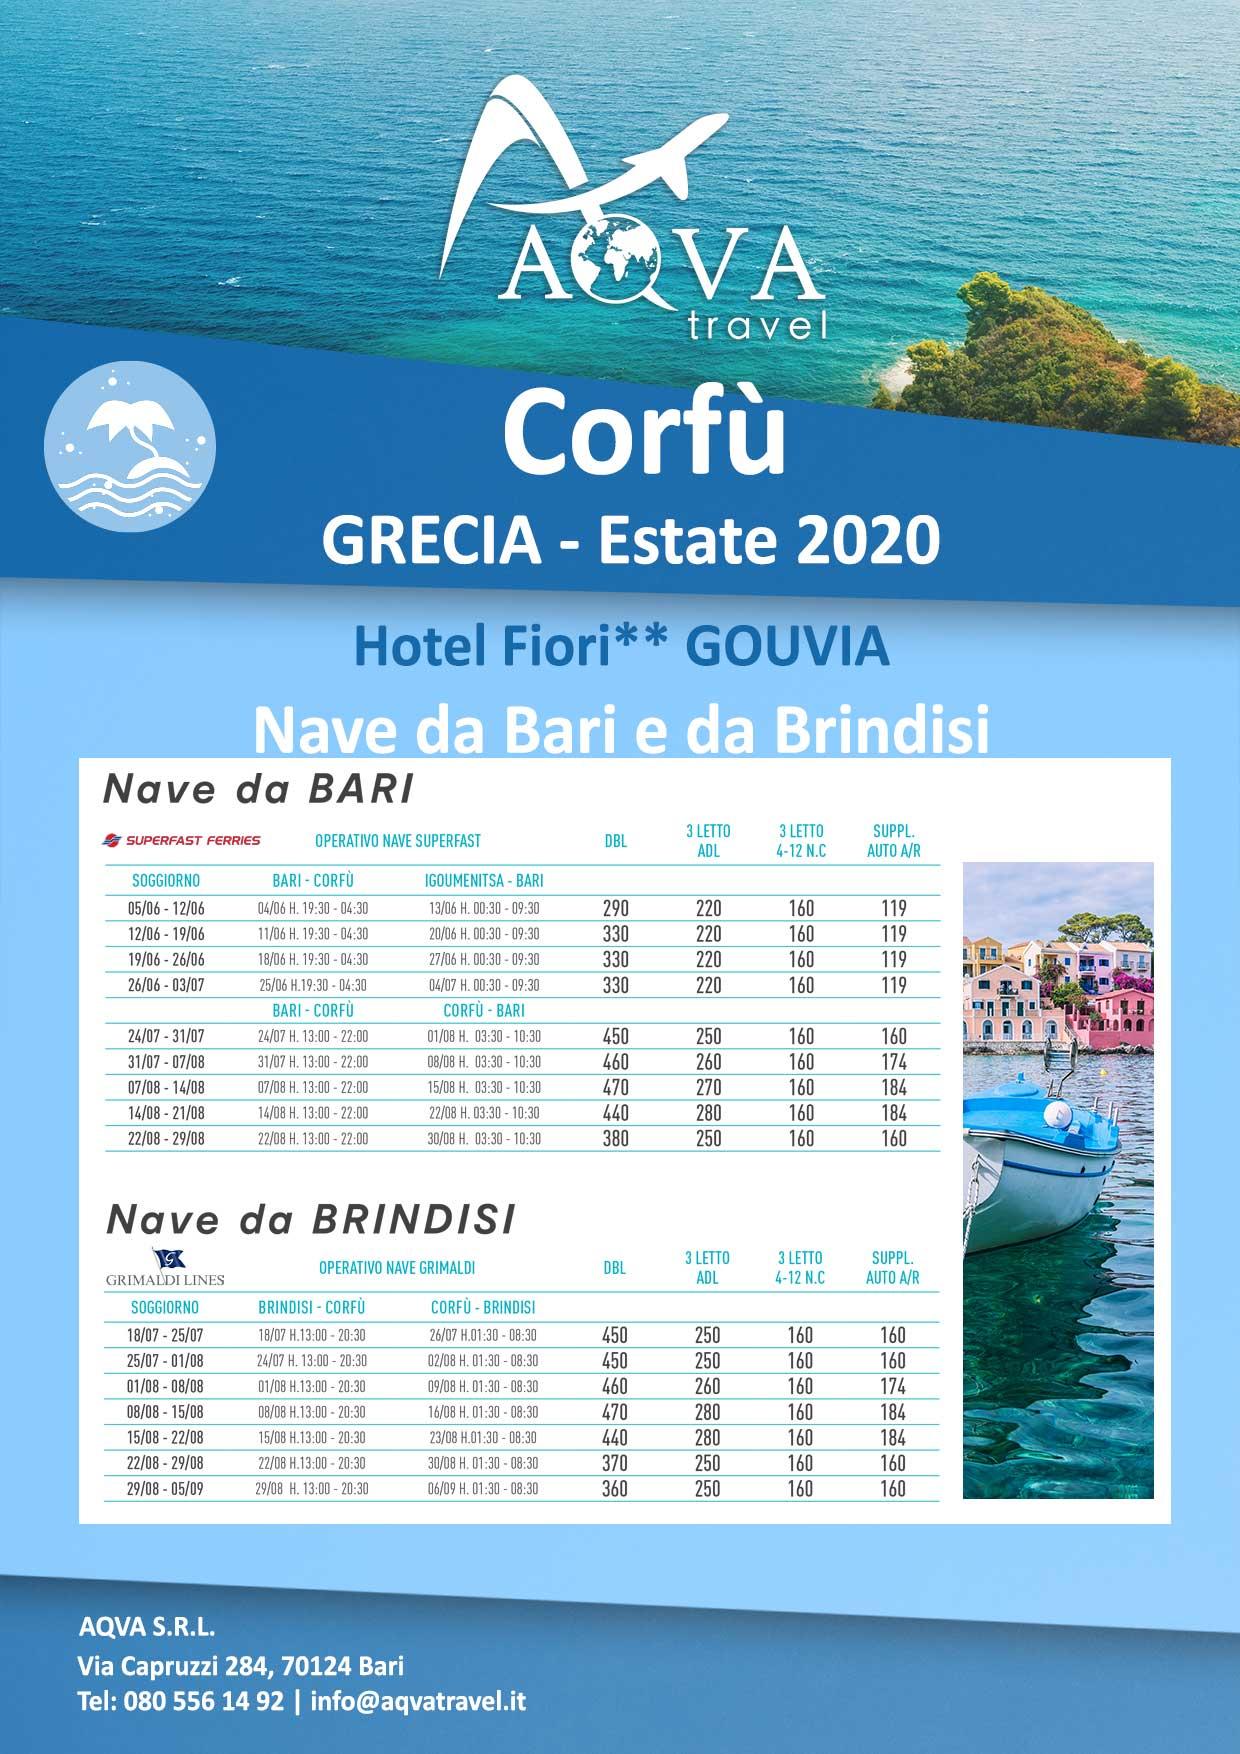 Corfù-Grecia-Estate-2020